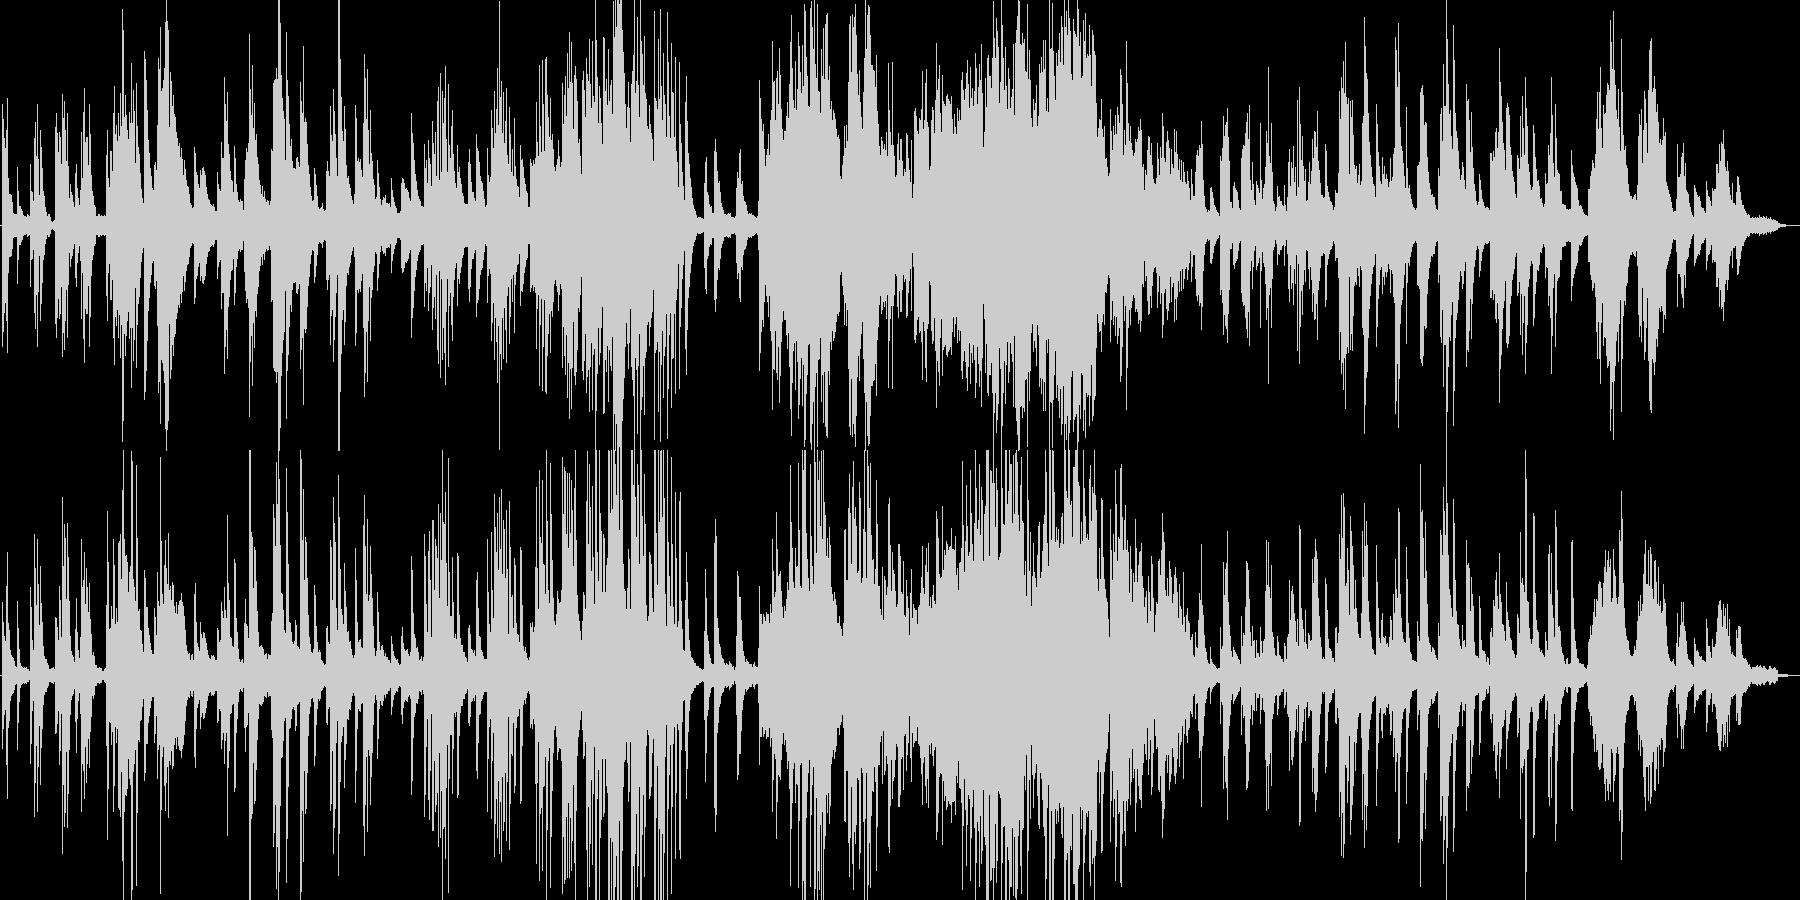 クラシックの有名曲『月の光』ピアノ演奏の未再生の波形